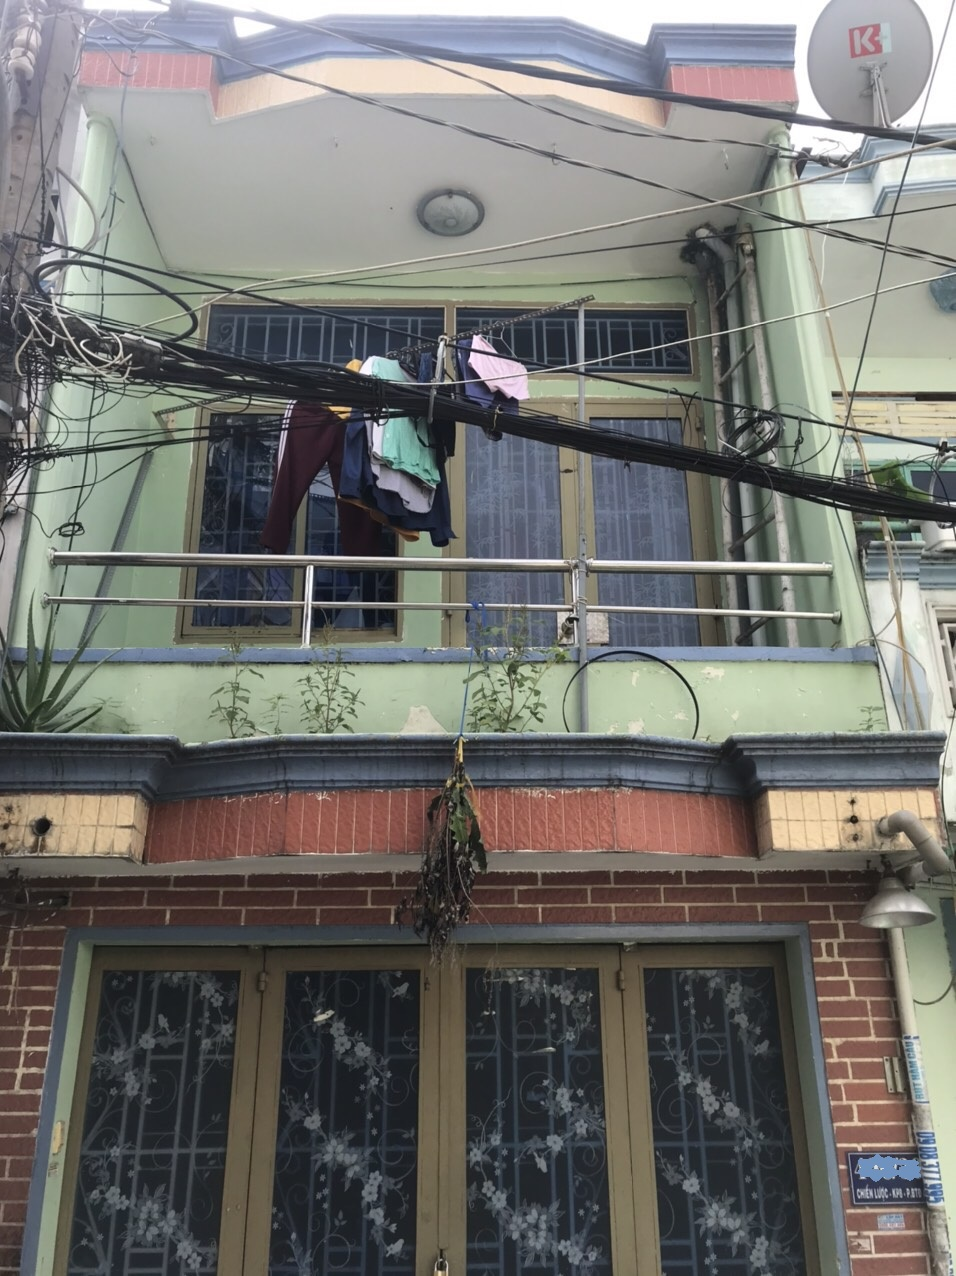 Bán nhà Hẻm xe hơi đường Chiến Lược phường Bình Trị Đông A quận Bình Tân